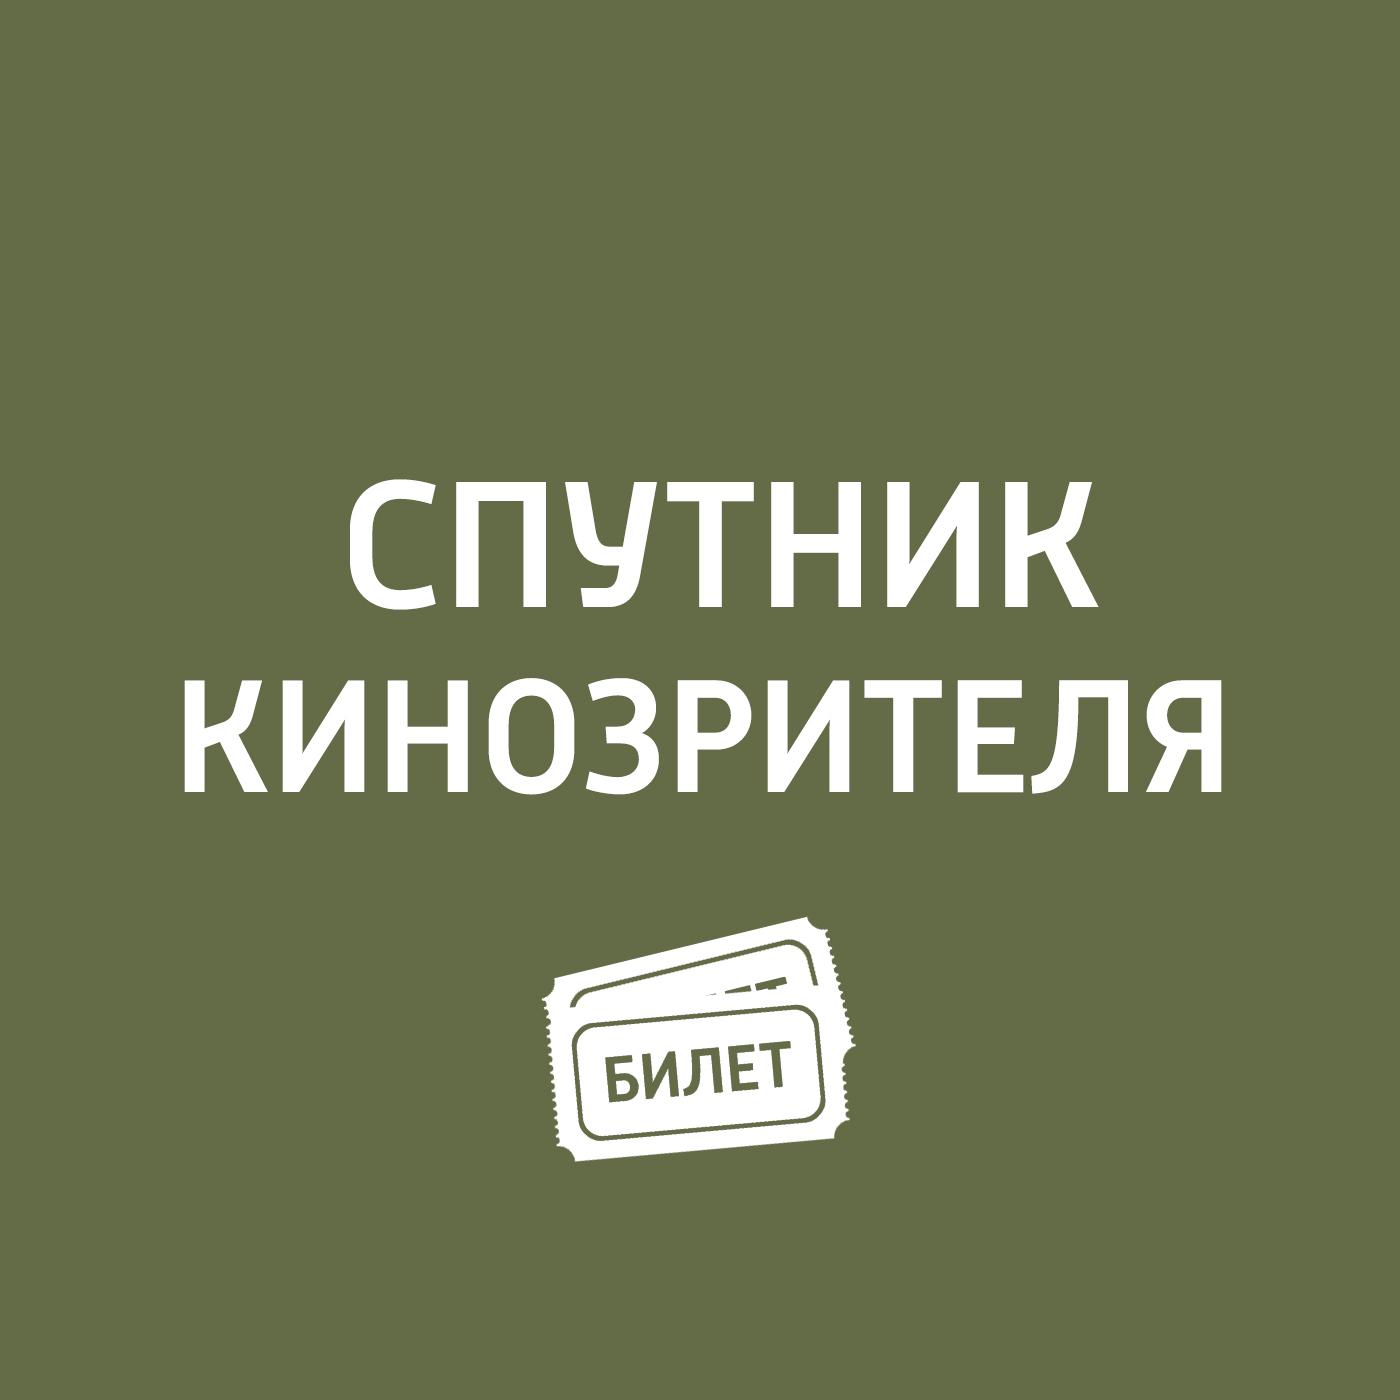 Антон Долин Алексей Юрьевич Герман колобродов алексей юрьевич захар